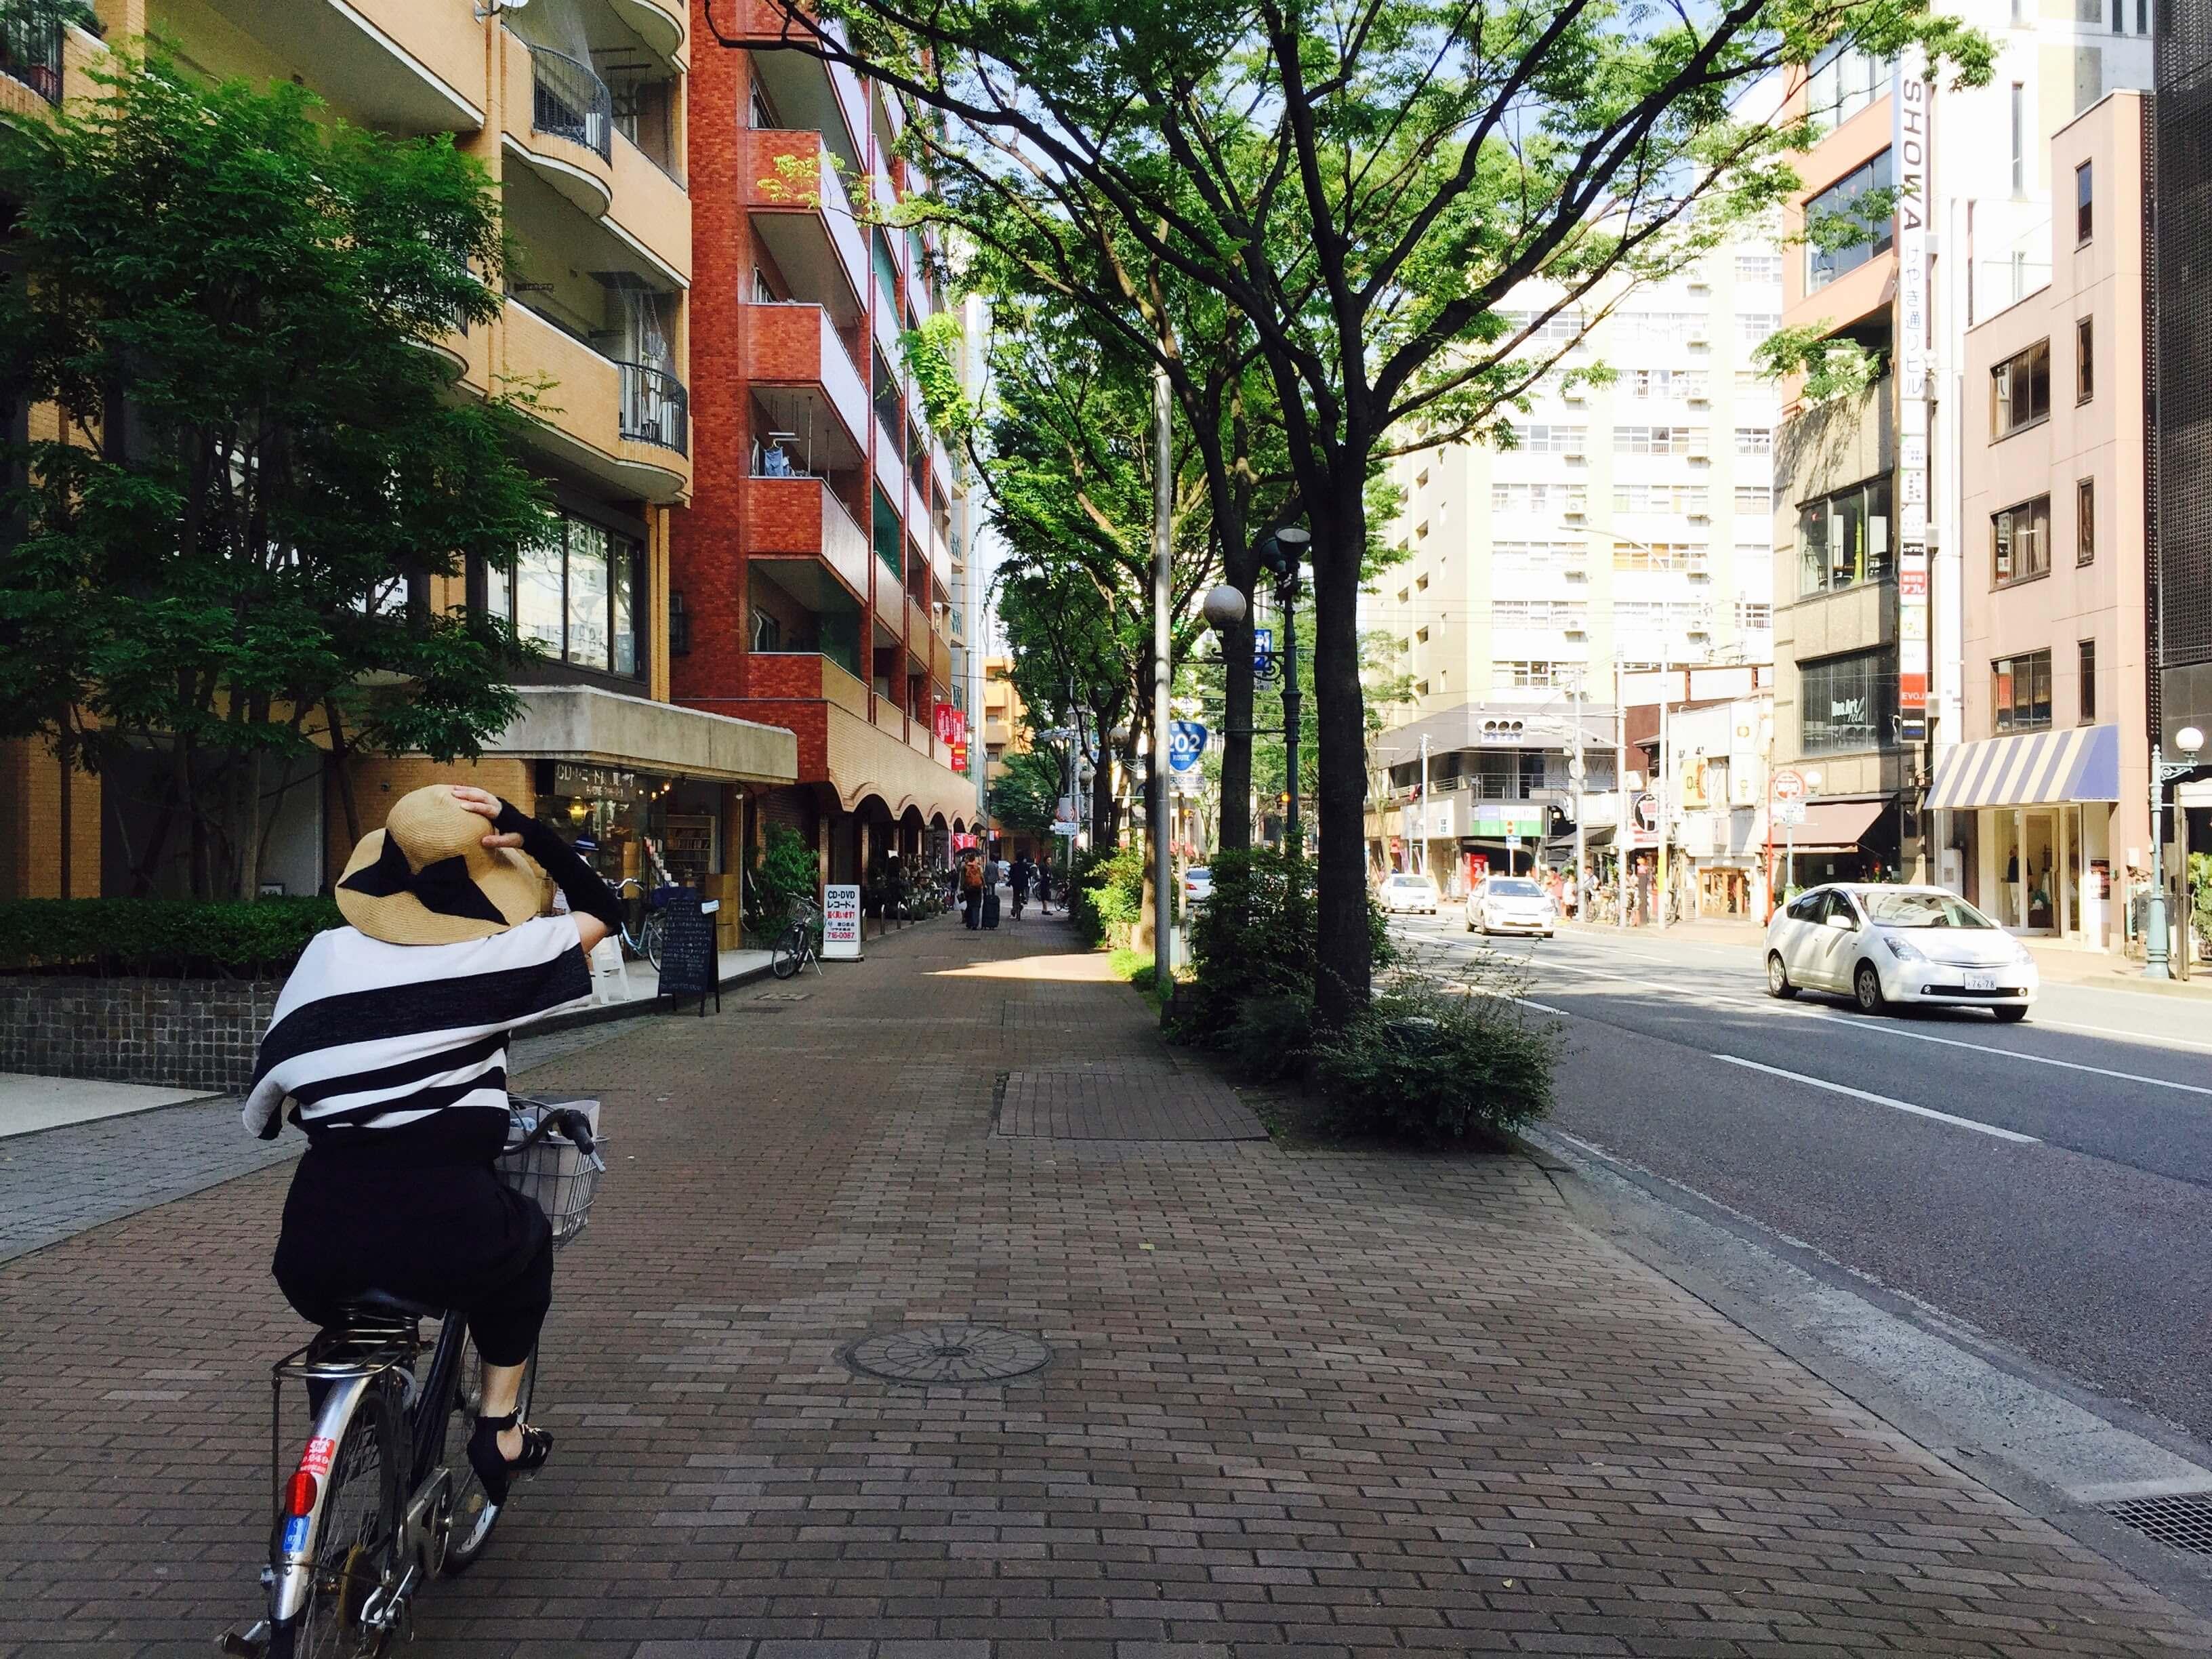 福 岡 是 相 當 新 的 城 市 , 街 景 都 有 規 劃 過 。